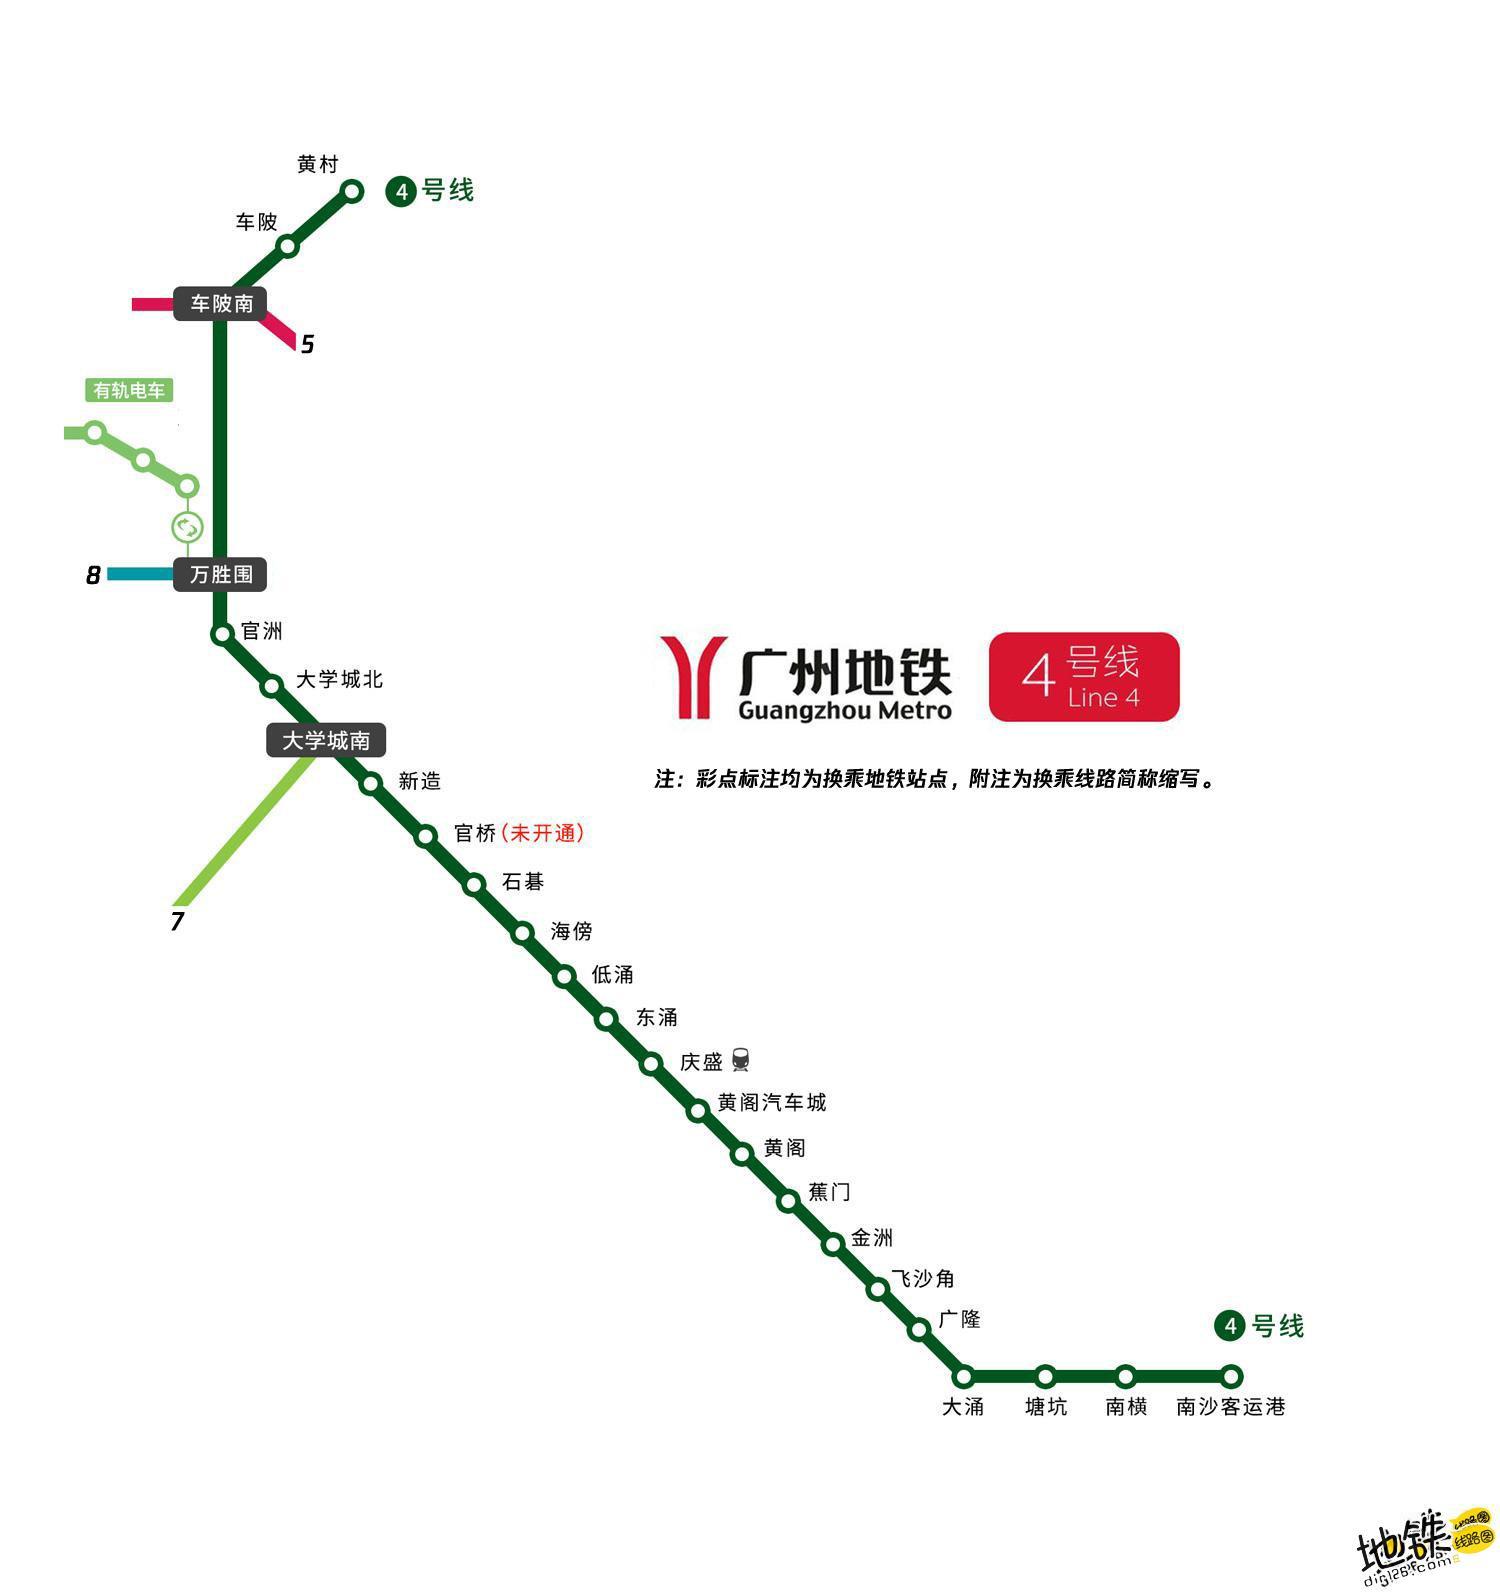 广州地铁4号线线路图 运营时间票价站点 查询下载 广州地铁4号线查询 广州地铁4号线运营时间 广州地铁4号线线路图 广州地铁4号线 广州地铁四号线 广州地铁线路图  第2张